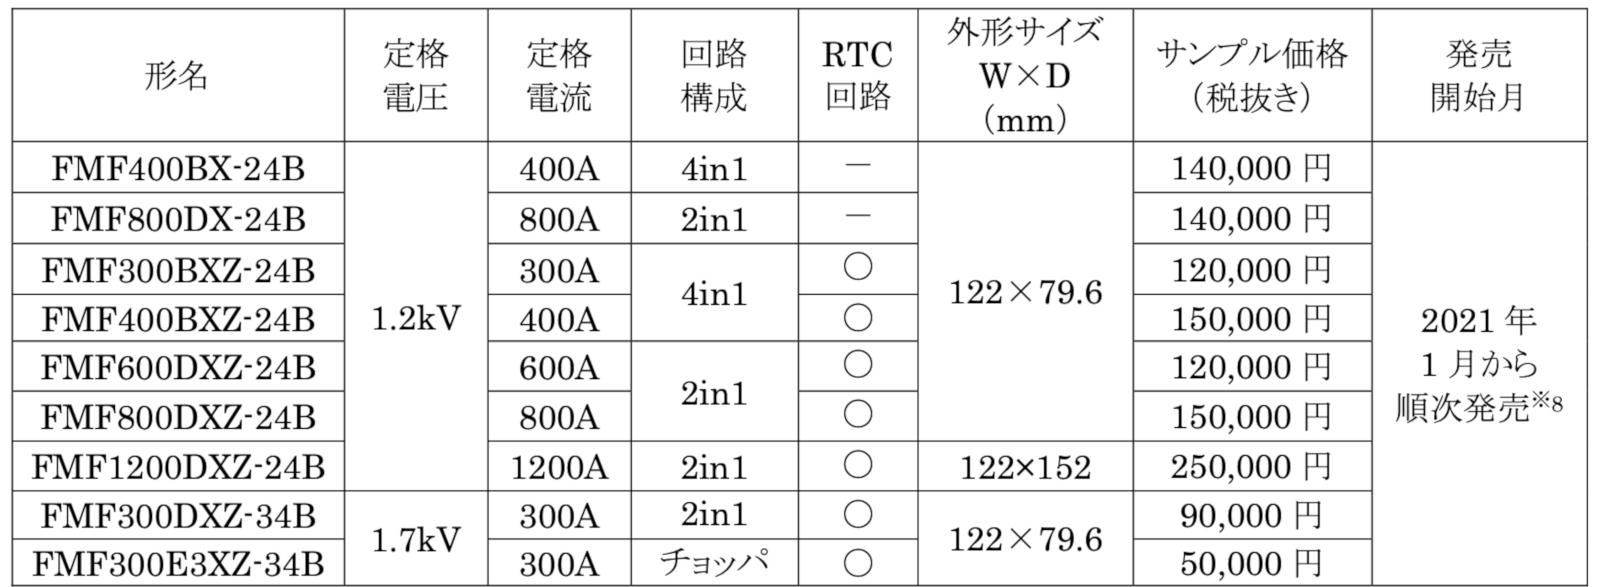 発売した9製品の主な仕様とサンプル価格など 三菱電機の表